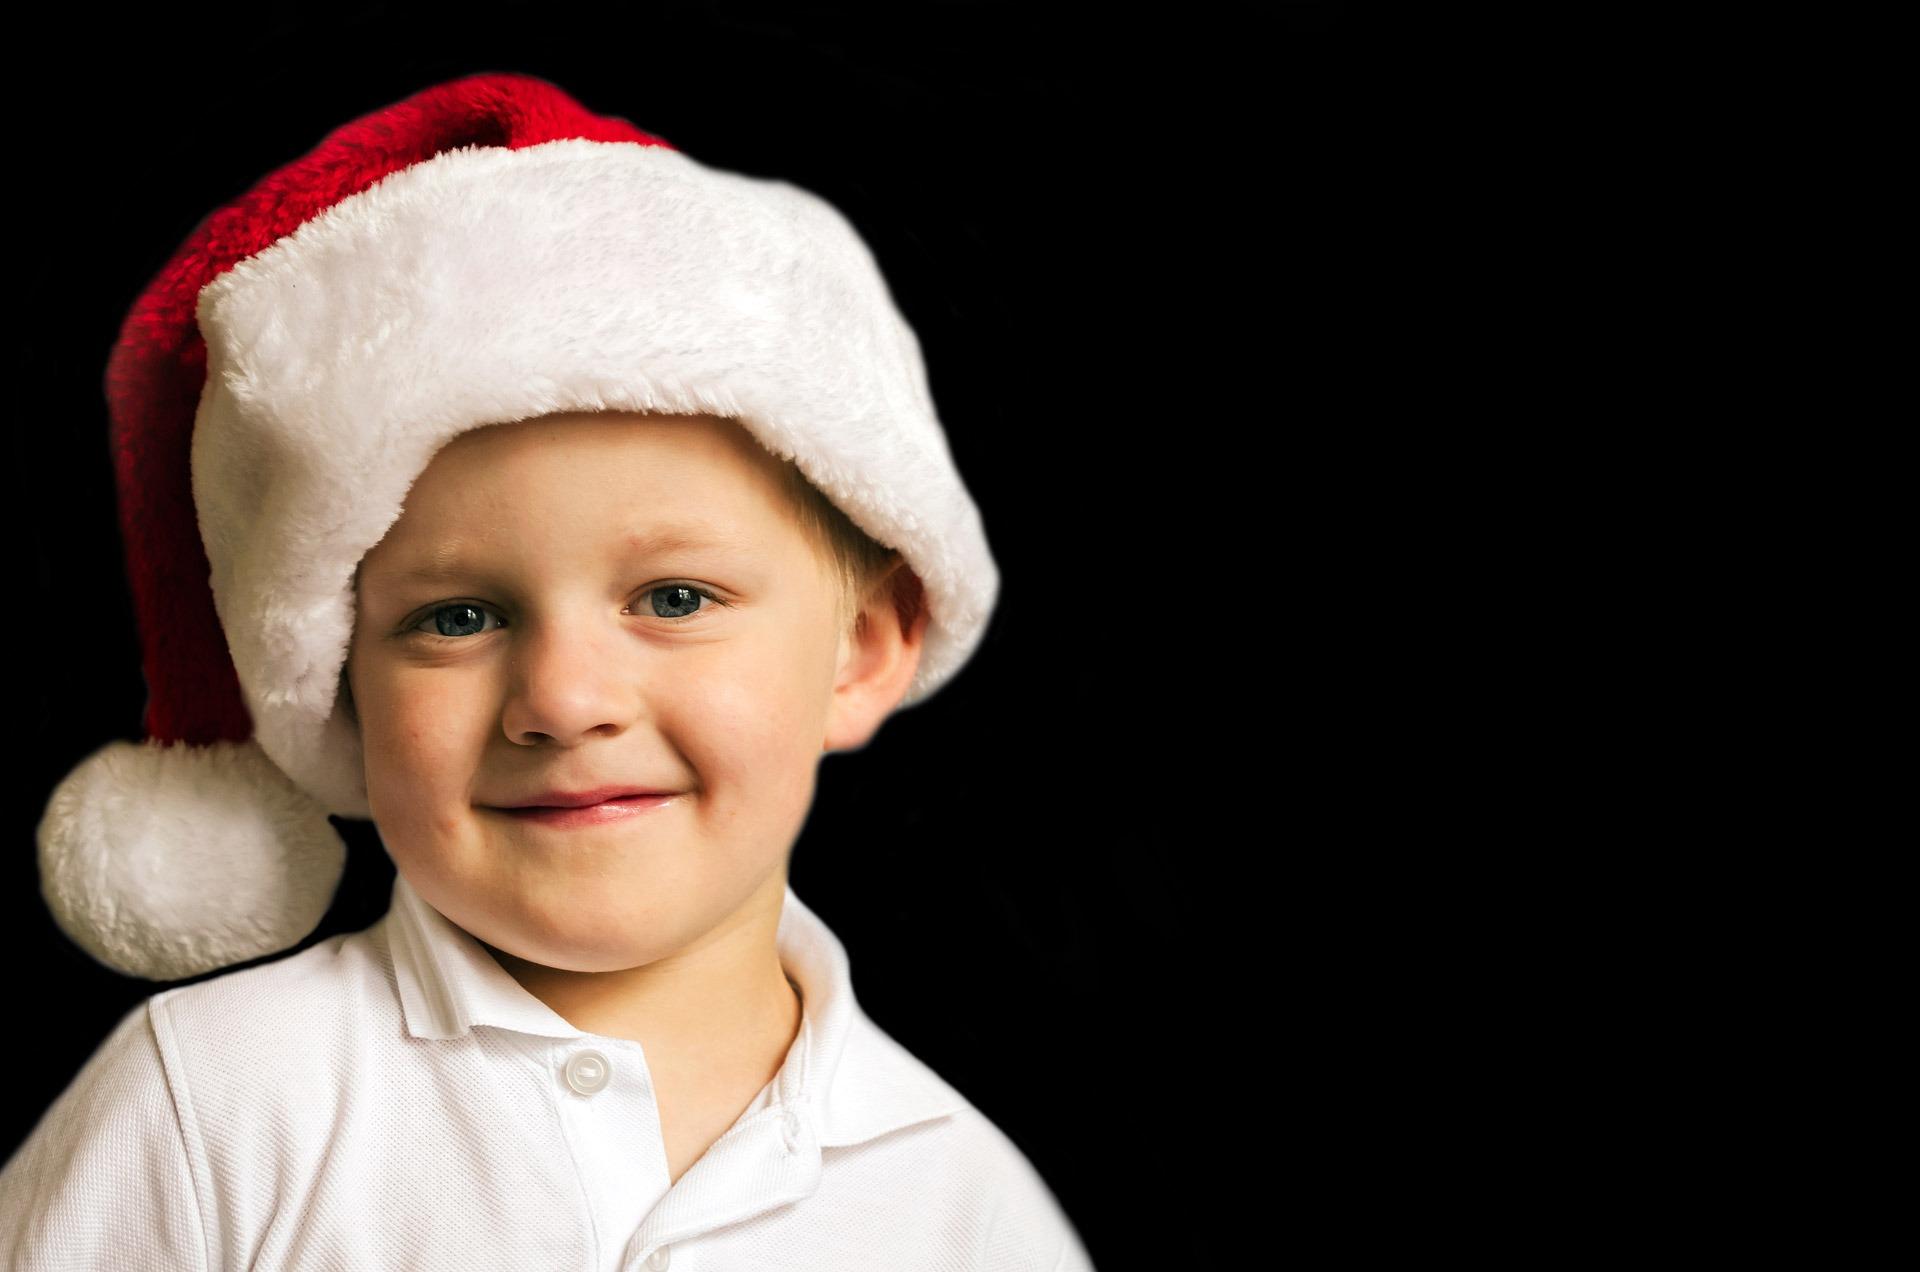 Fotos gratis nieve gente blanco chico ni o regalo joven rojo fiesta ropa navidad - Regalos chico joven ...